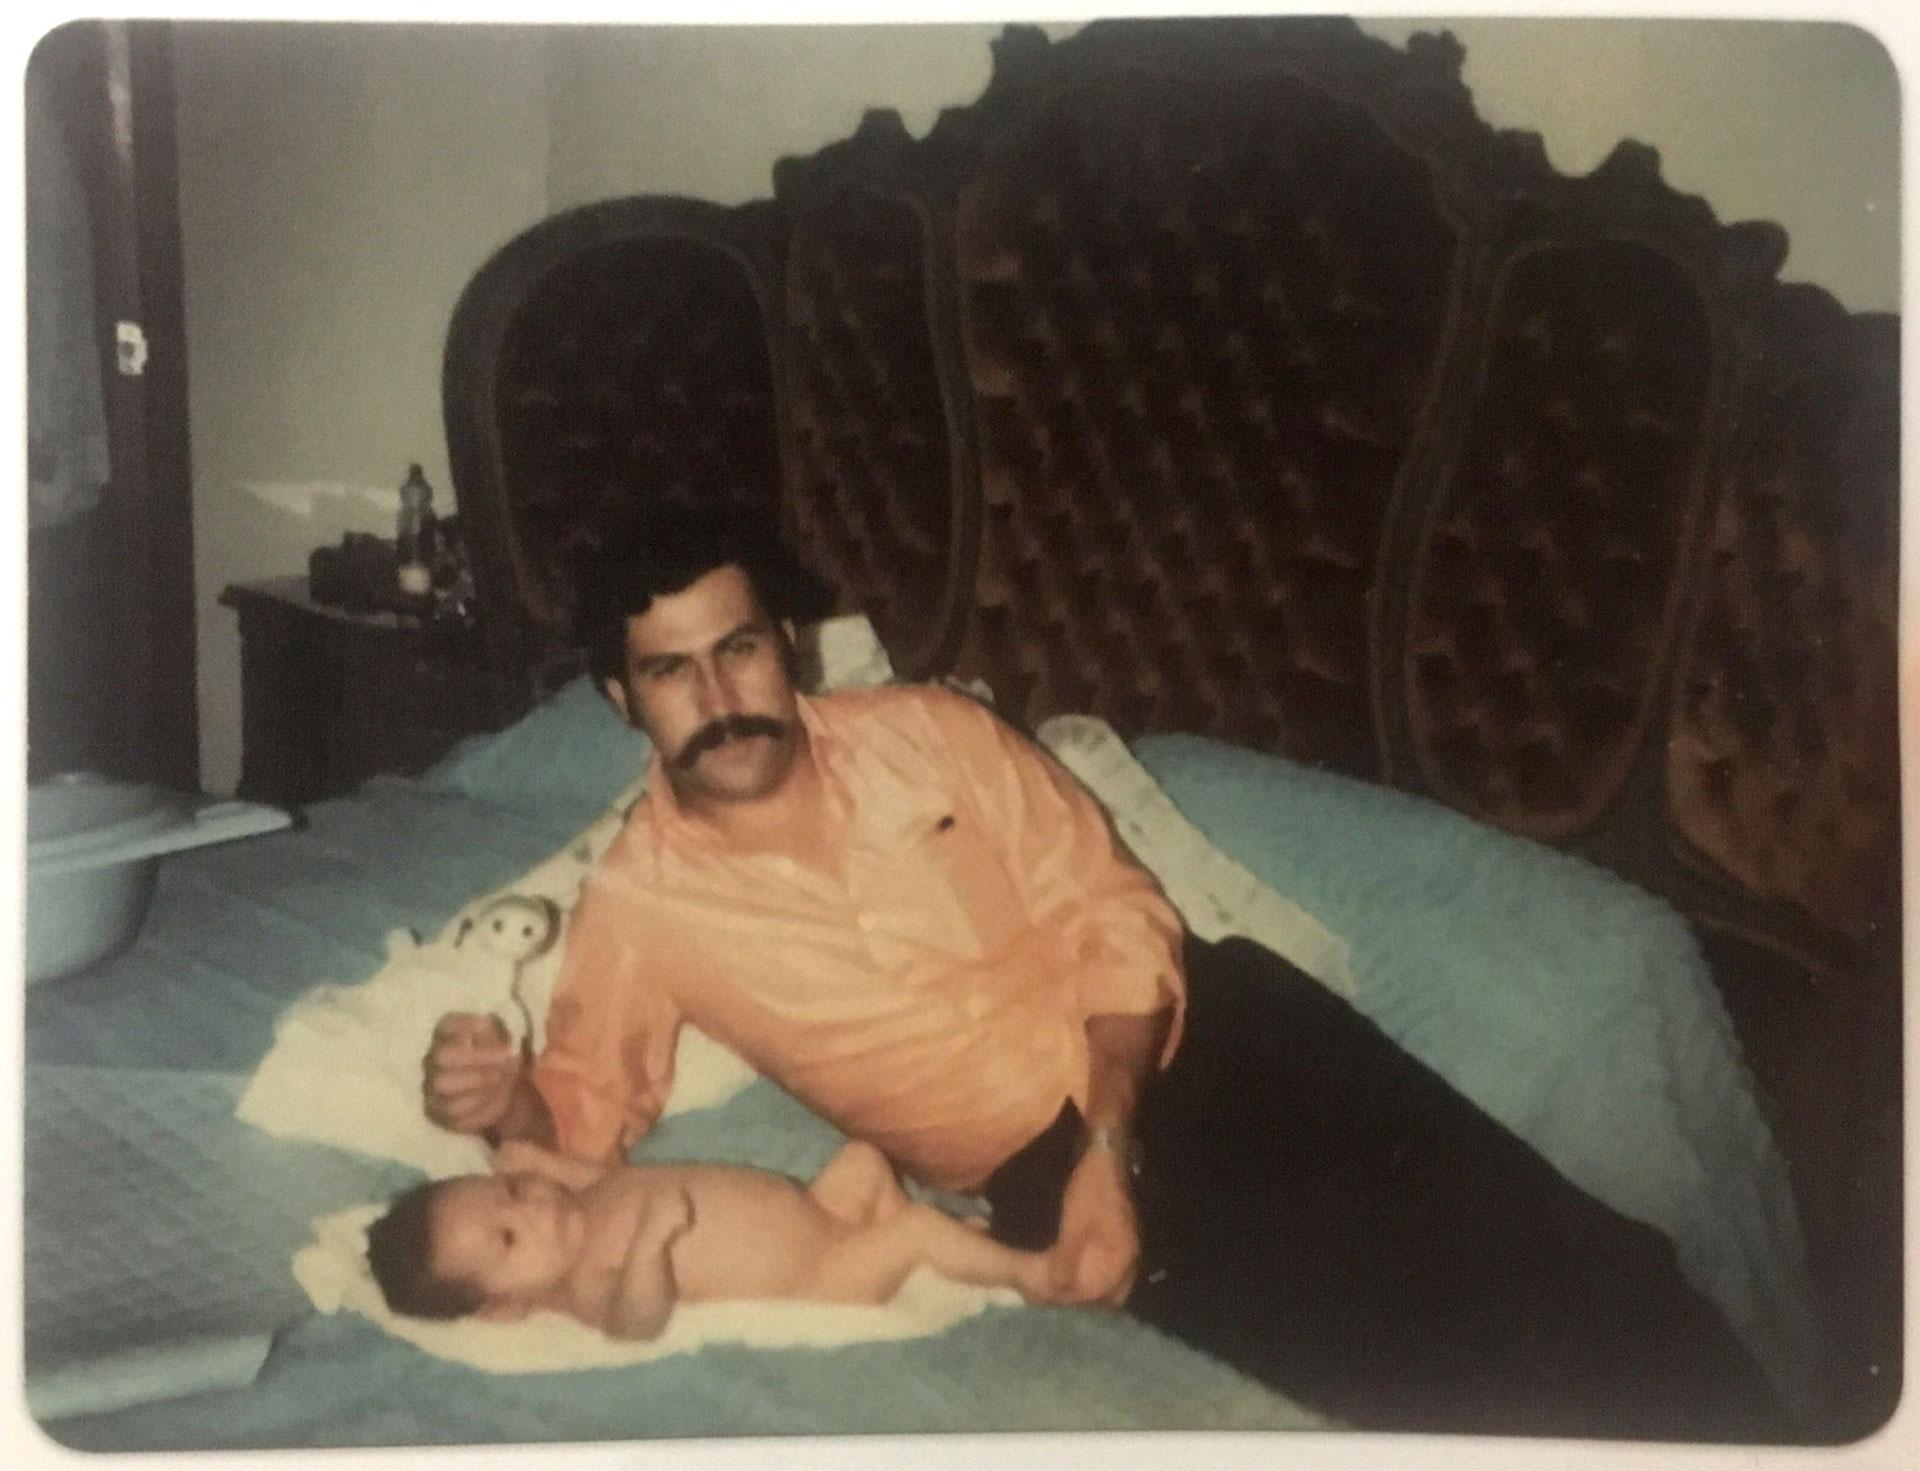 1977. Pablo Emilio Escobar Gaviria junto a un recién nacido Juan Pablo Escobar Henao, el hijo que el capo narco tuvo con su esposa Victoria Eugenia Henao (Victoria Eugenia Henao / Editorial Planeta)